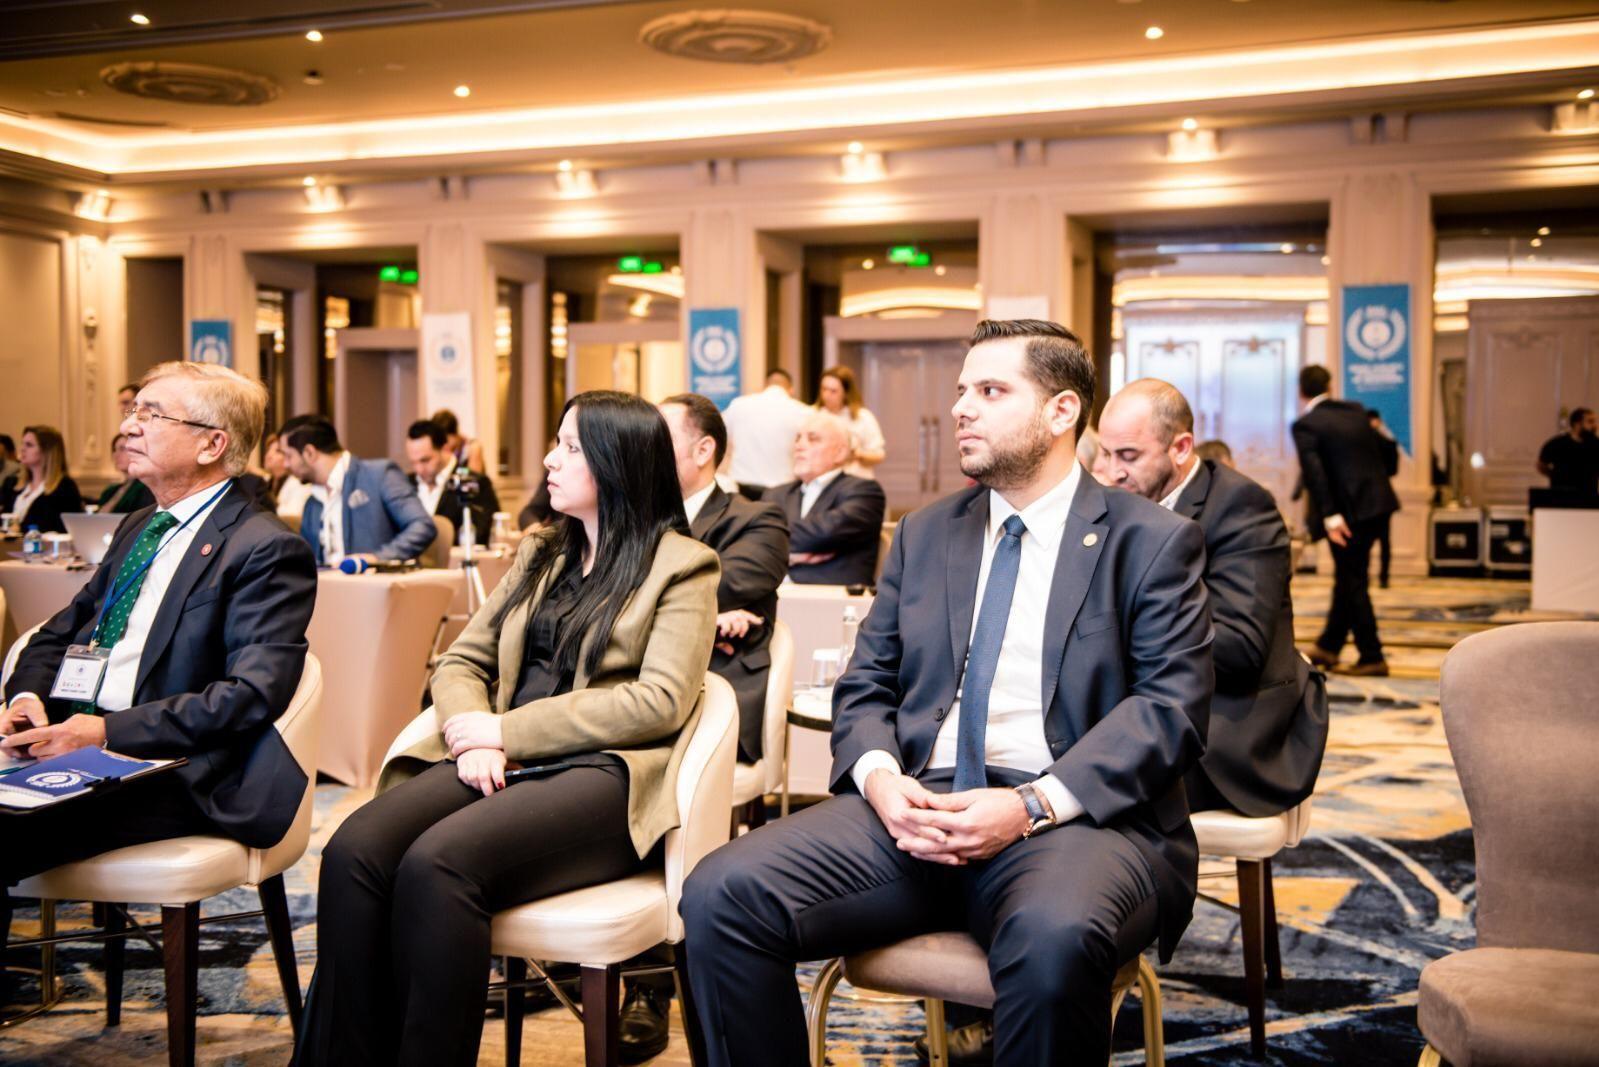 Kuzey Kıbrıs'ta gerçekleşen 'Değişen Dünya Düzeni: Doğu Akdeniz'de Mavi Savaşlar Uluslararası Konferansı'ndan bir kare